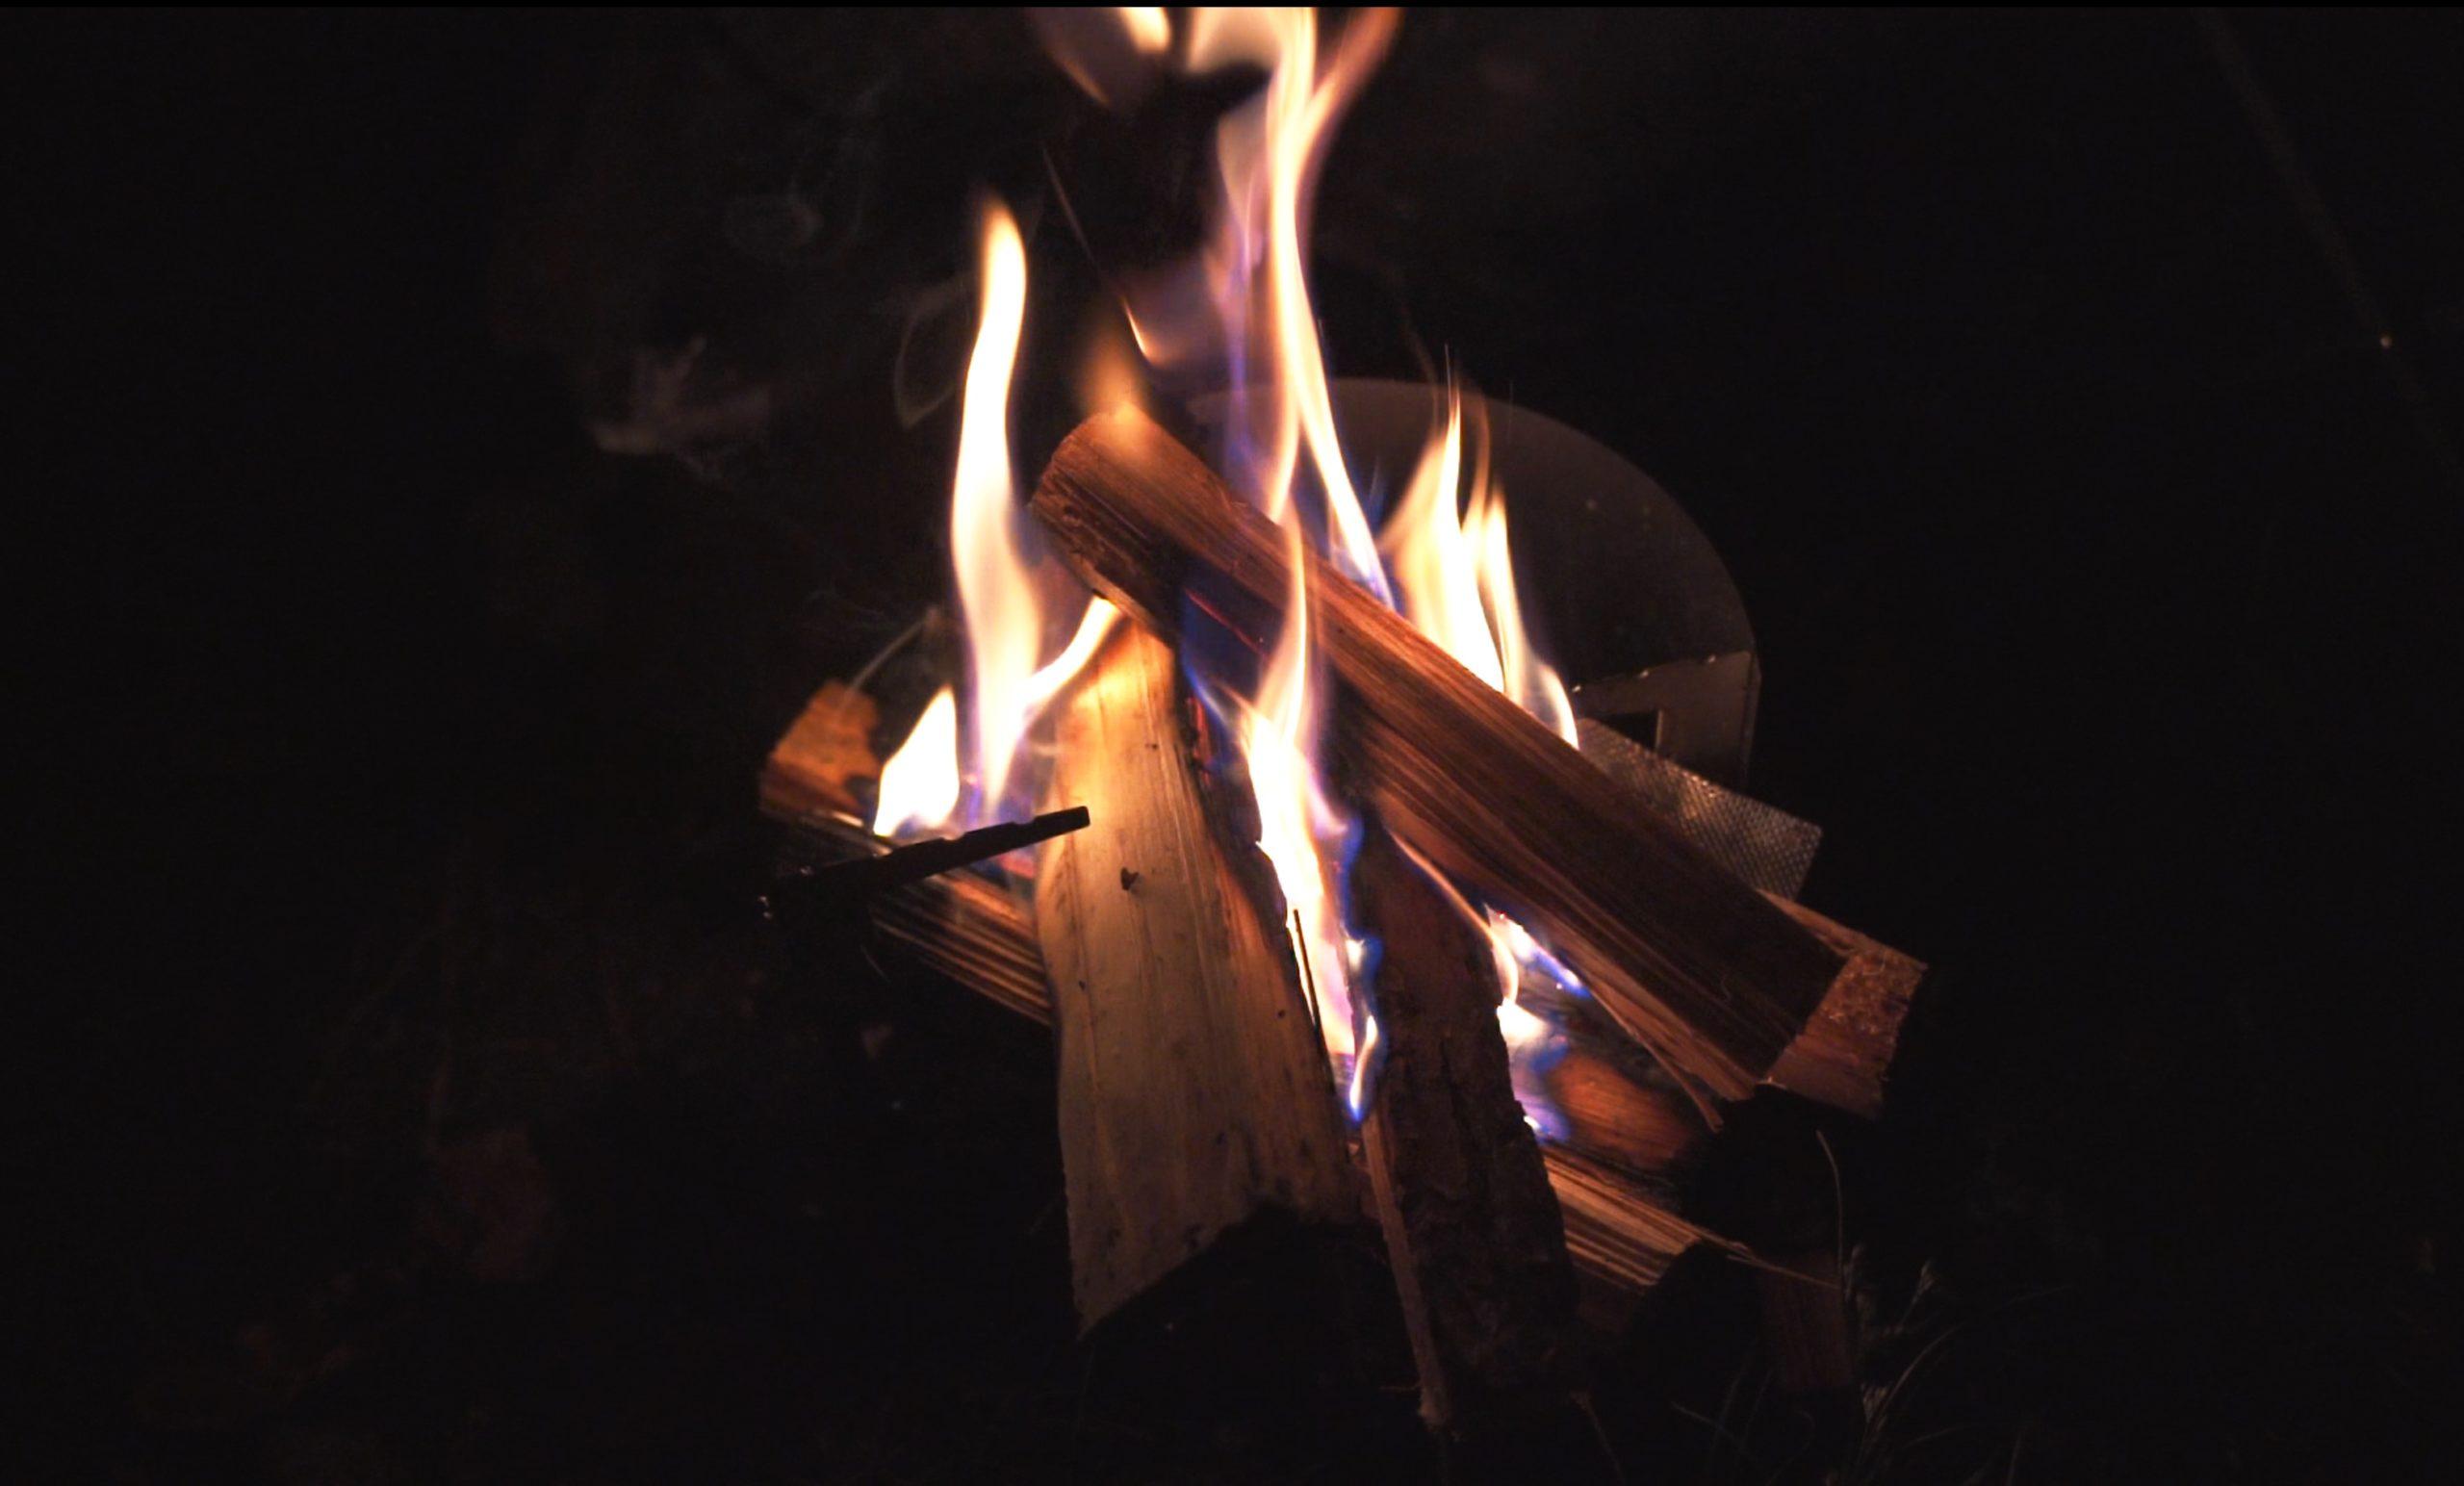 駒出池キャンプ場で念願の初キャンプ!|焚き火の前でゆっくりする時間